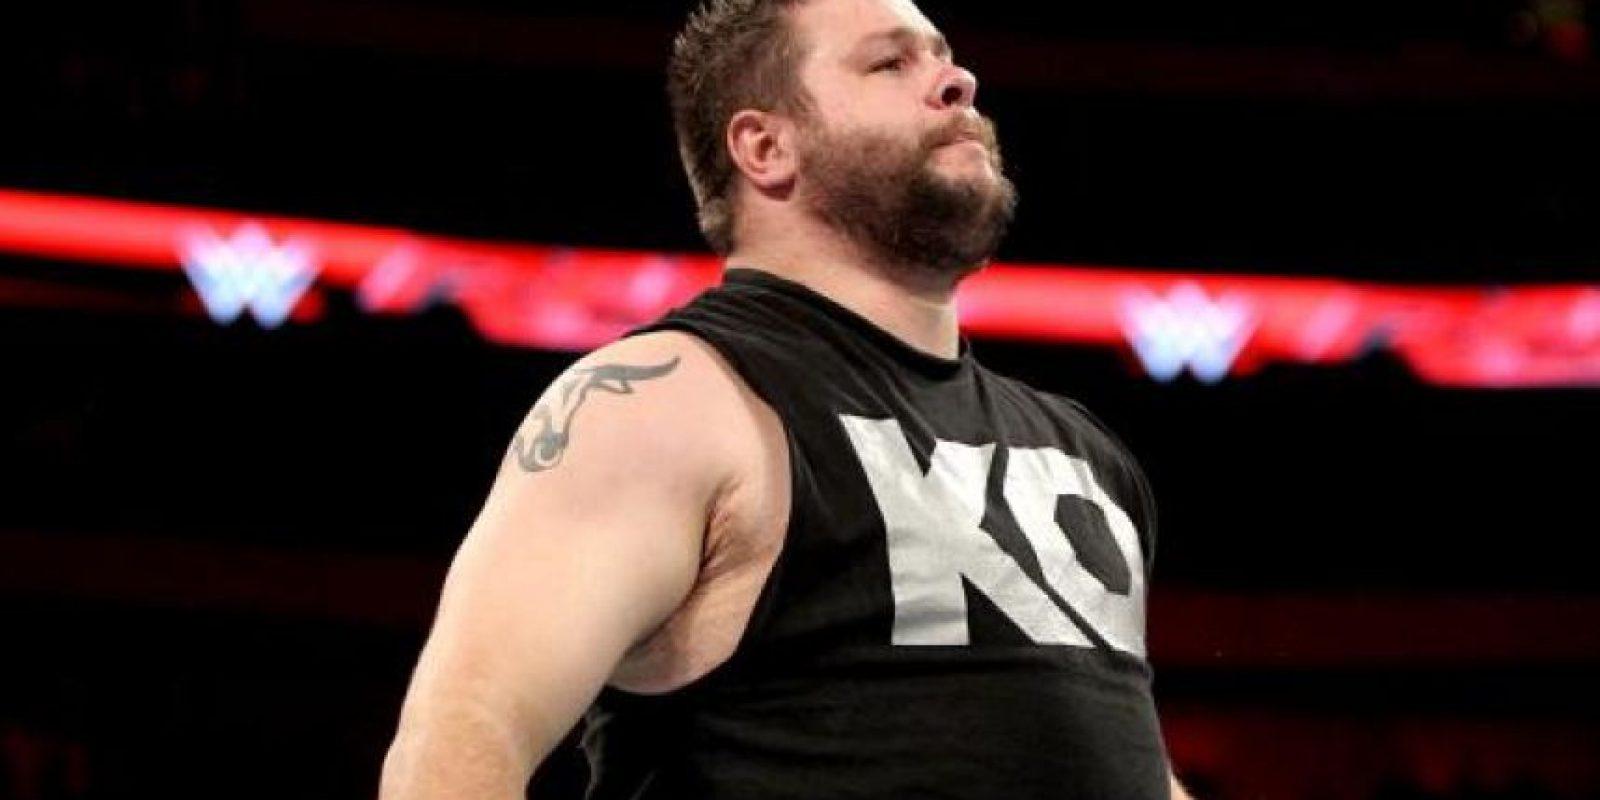 En la segunda lucha, Kevin Owens defenderá el Campeonato Intercontinental Foto:WWE